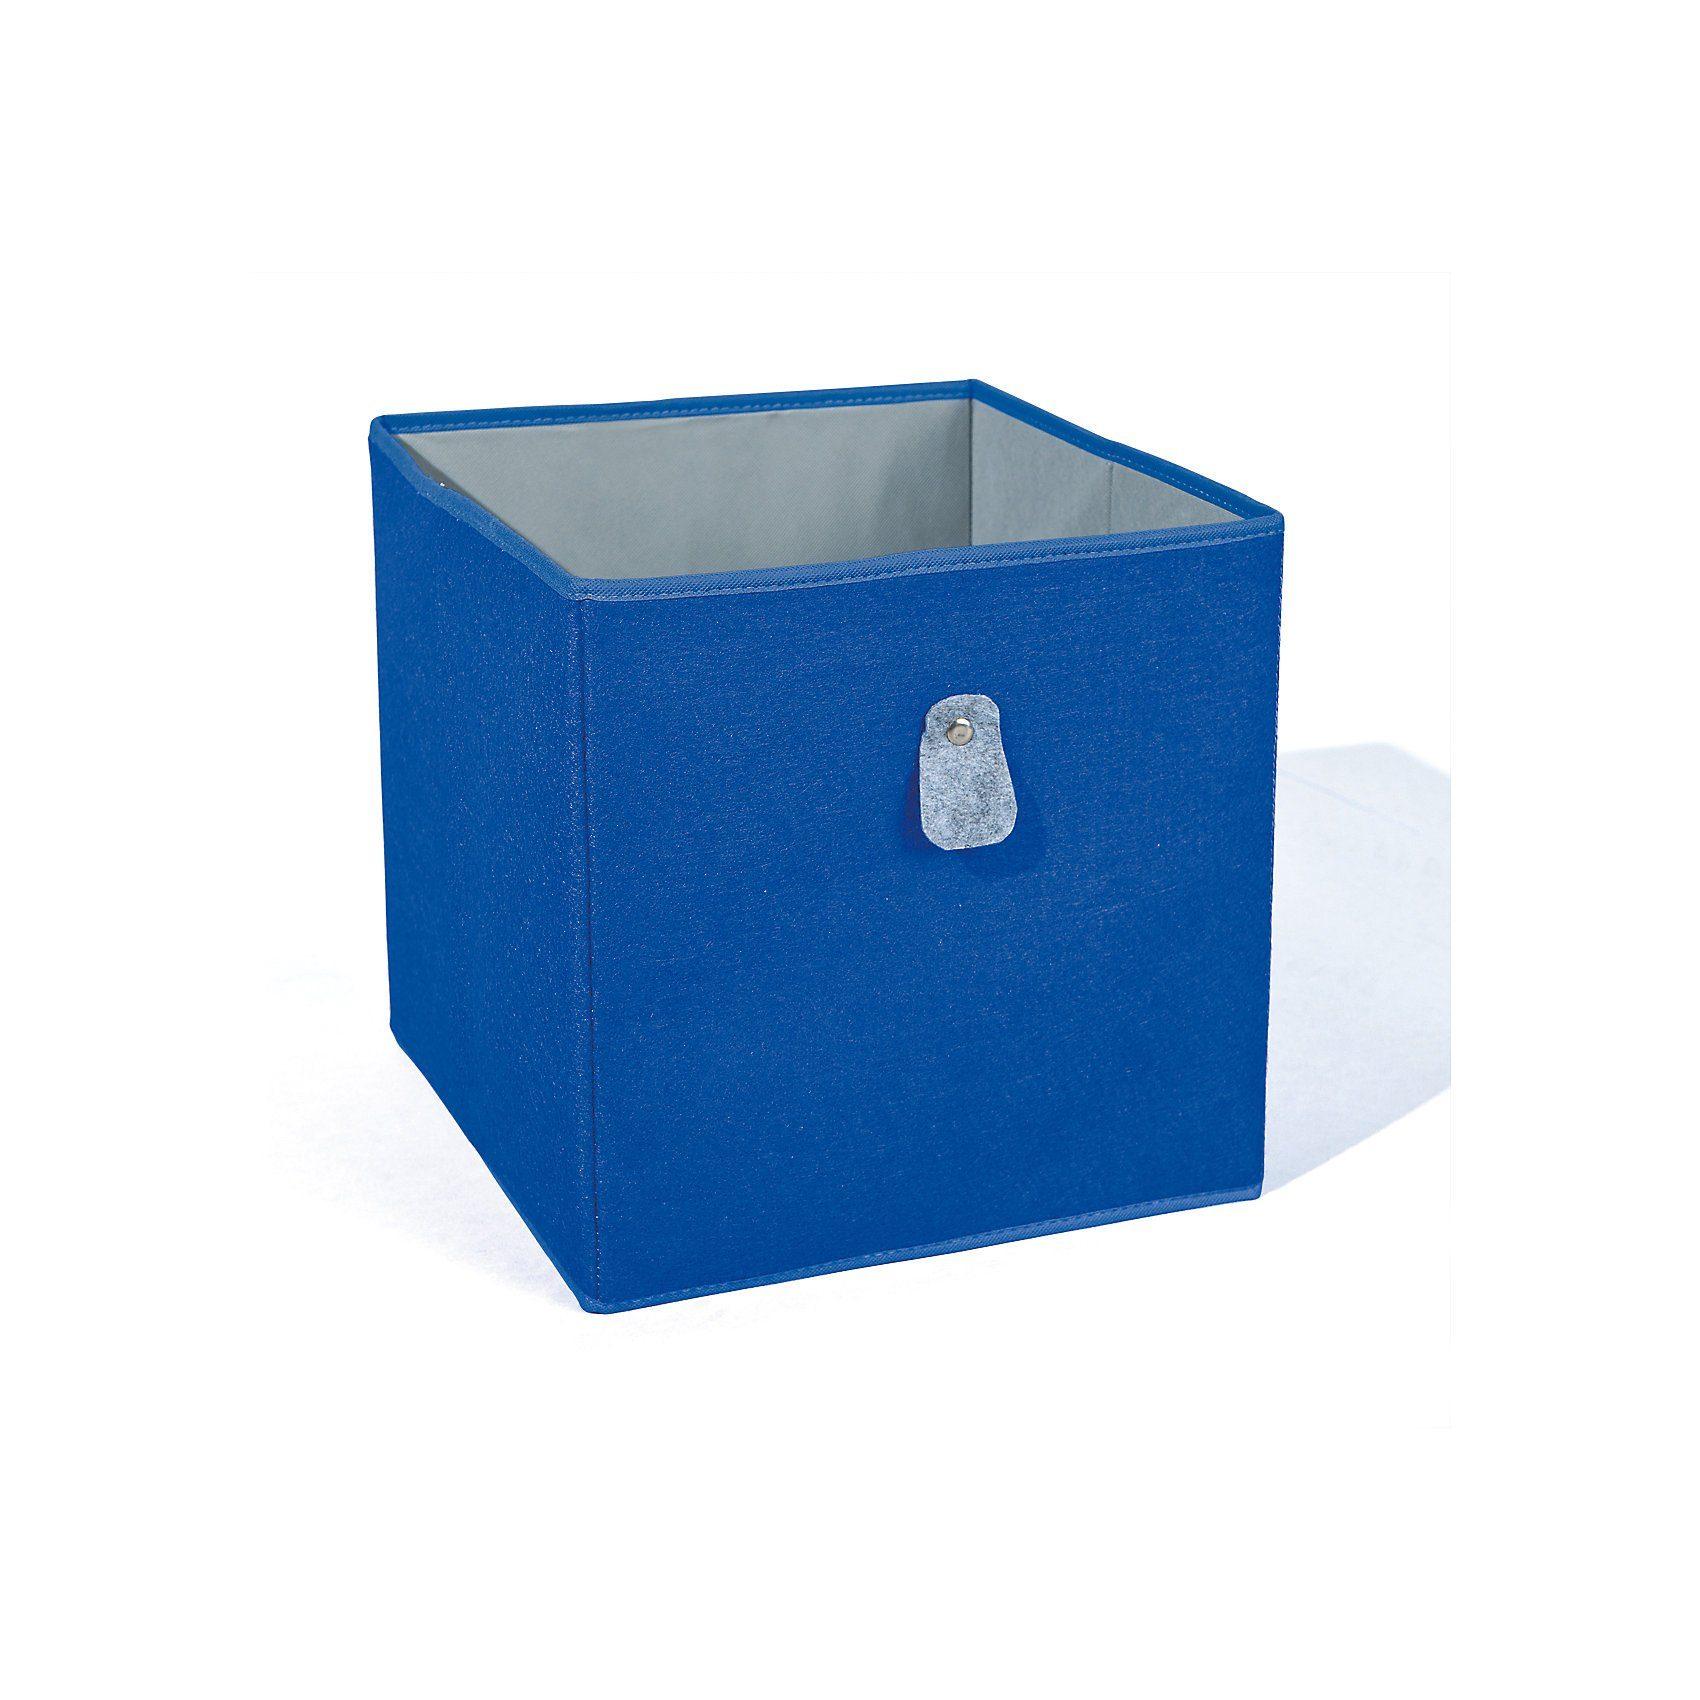 Inter Link Aufbewahrungsbox, blau/grau